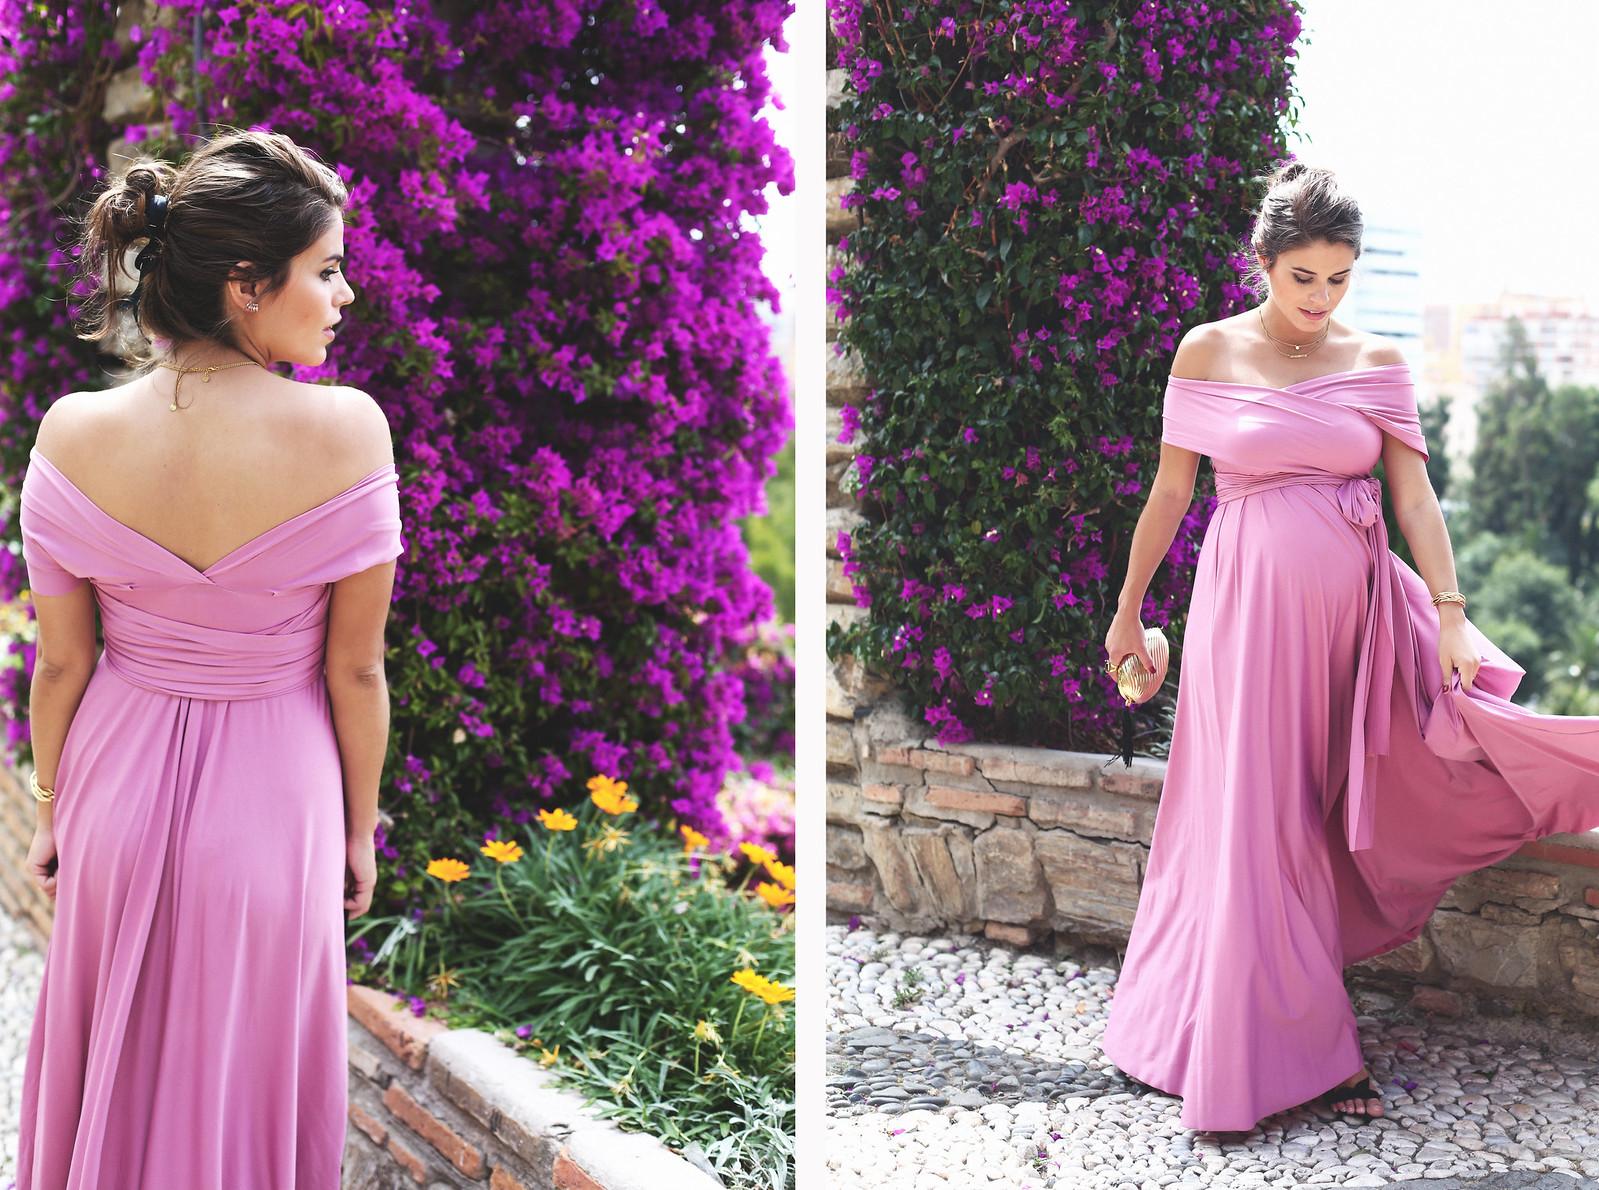 Fantástico Vino Vestidos De Dama De Color Rojo Imagen - Ideas de ...